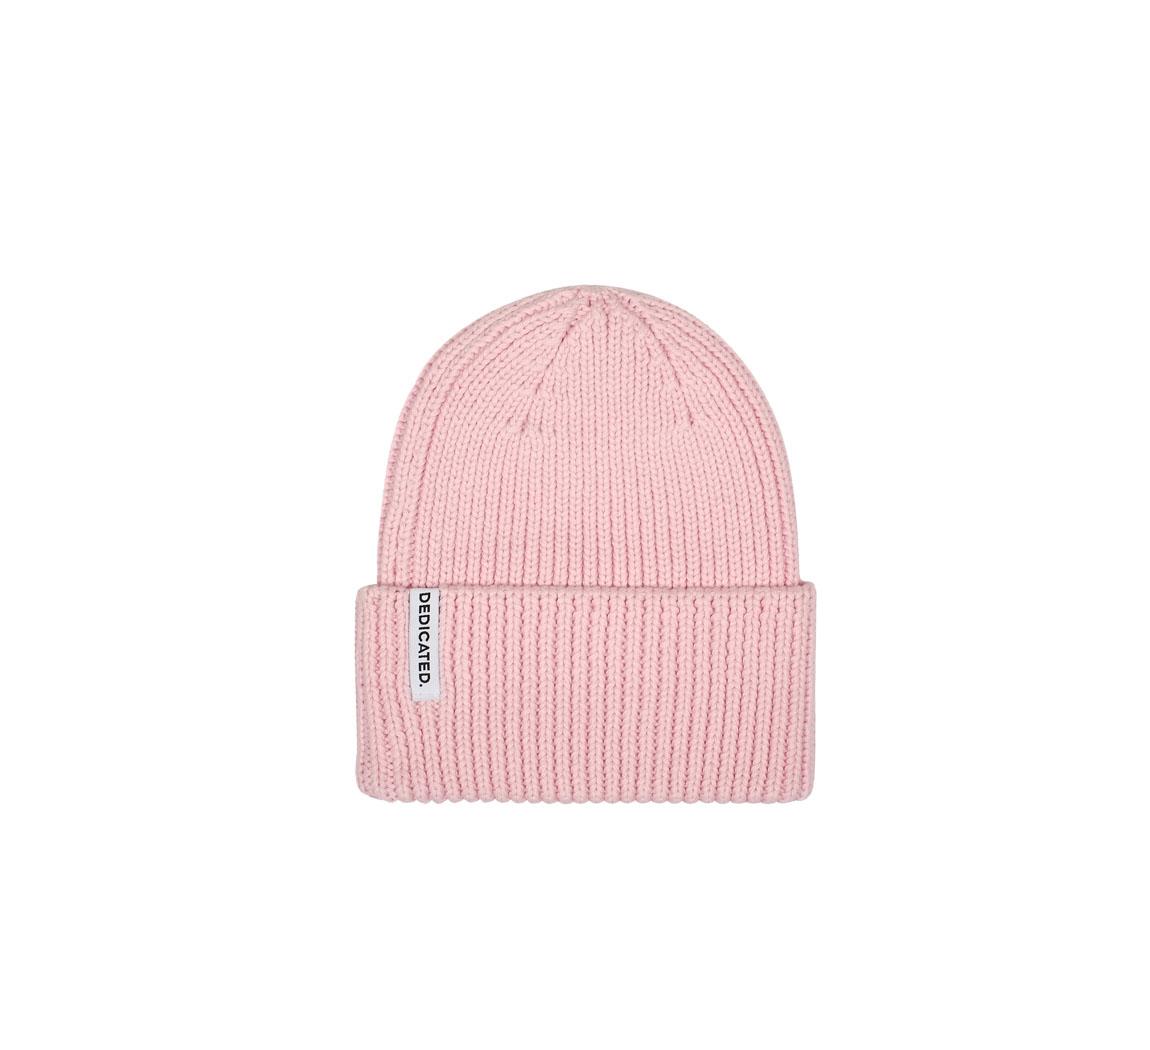 Bonnet coton biologique Beanie Narvik